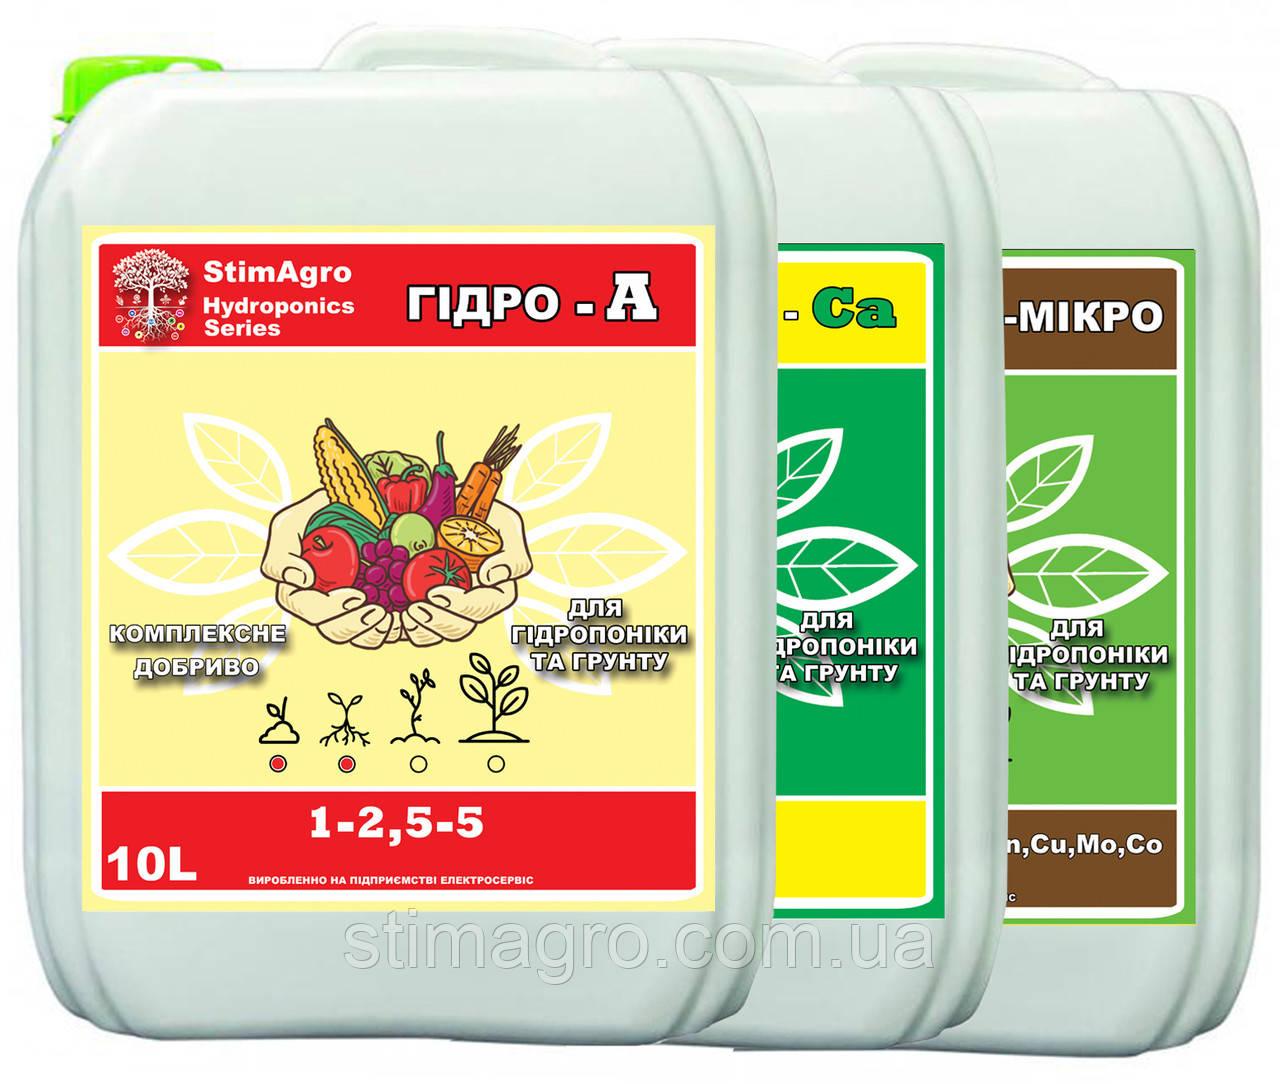 StimAgro КОМПЛЕКТ 3X-10L добрива для гідропоніки та грунту